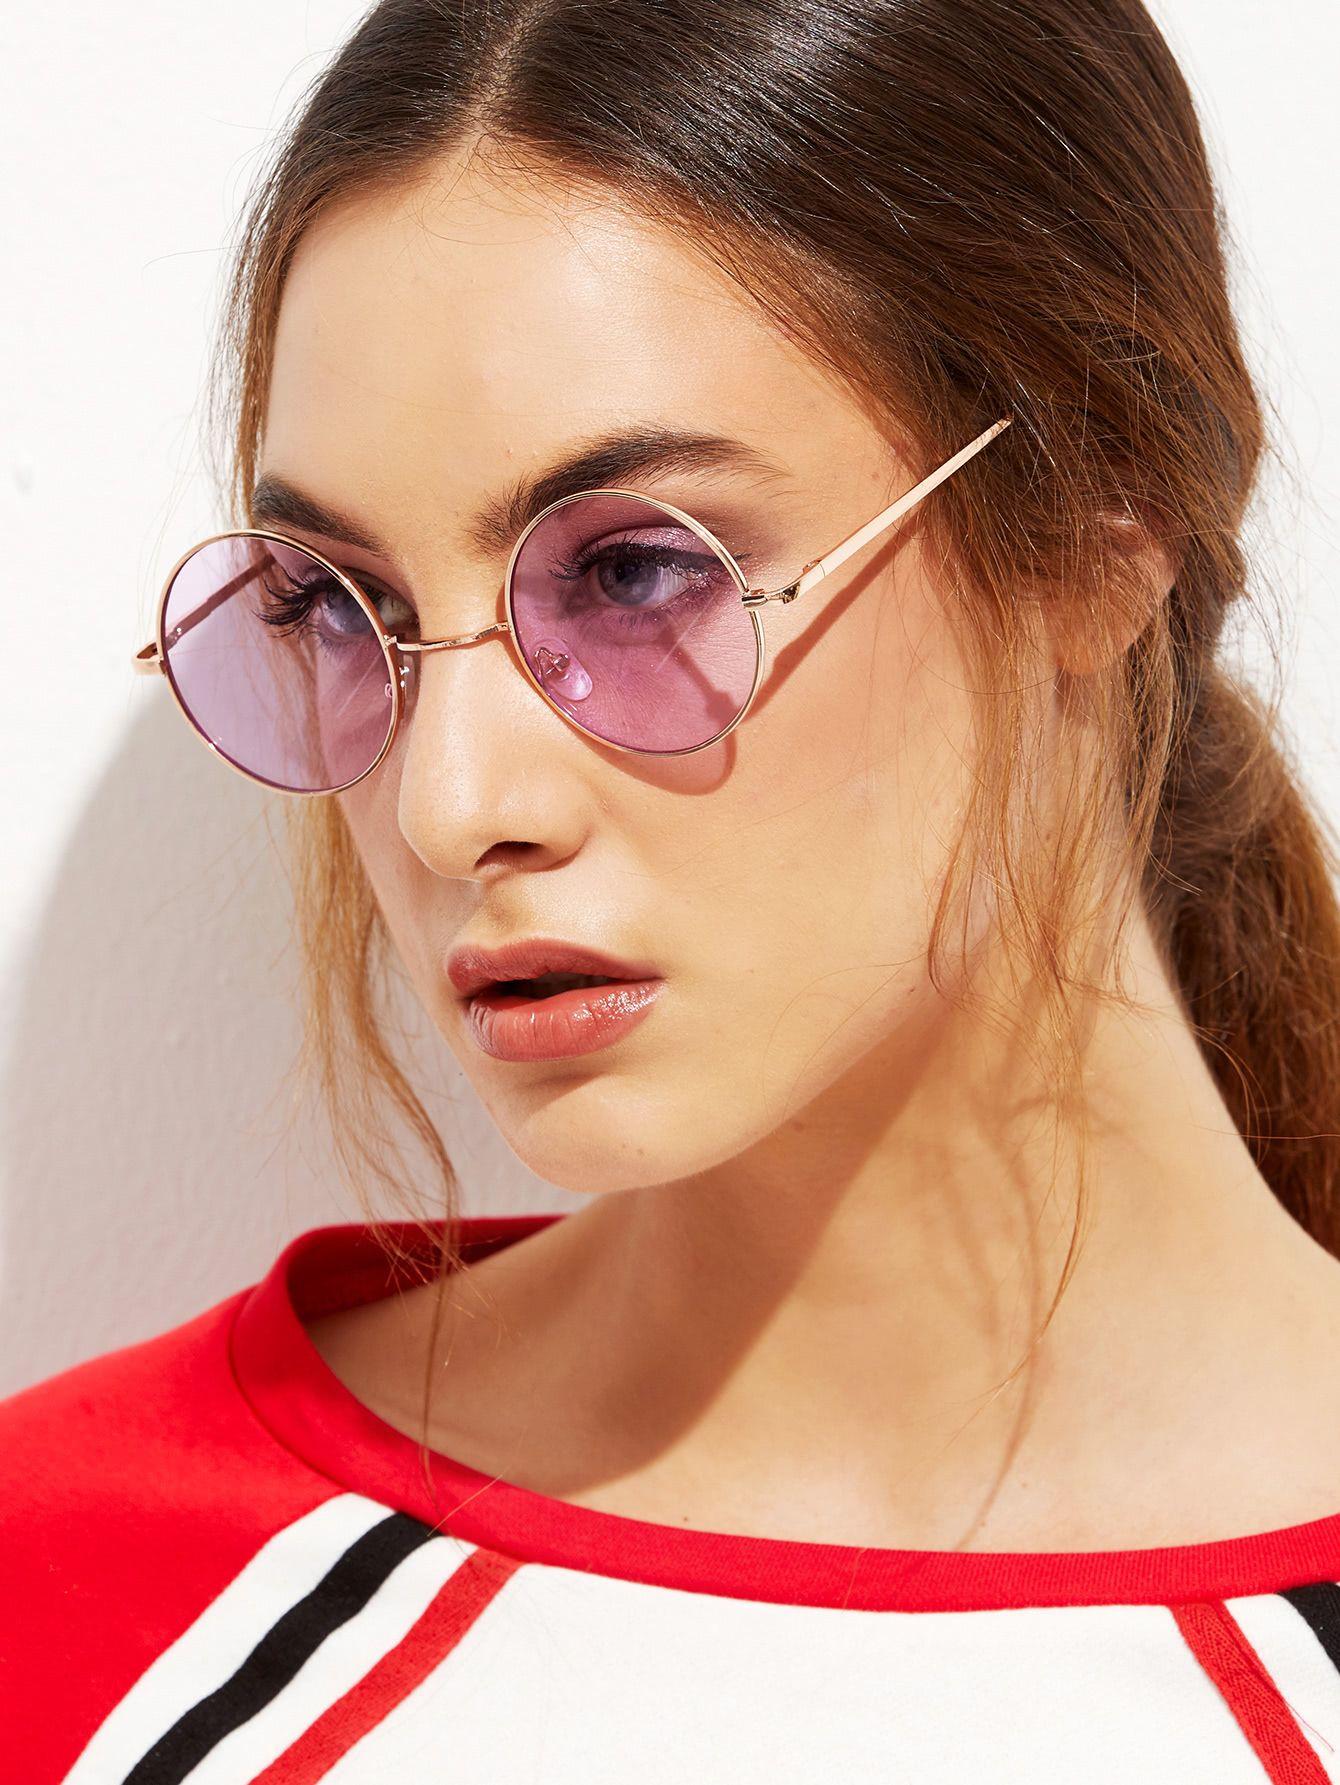 ef23a0bf6 Pin de Mariana Costa em Óculos em 2019   Óculos, Jeans e Acessórios